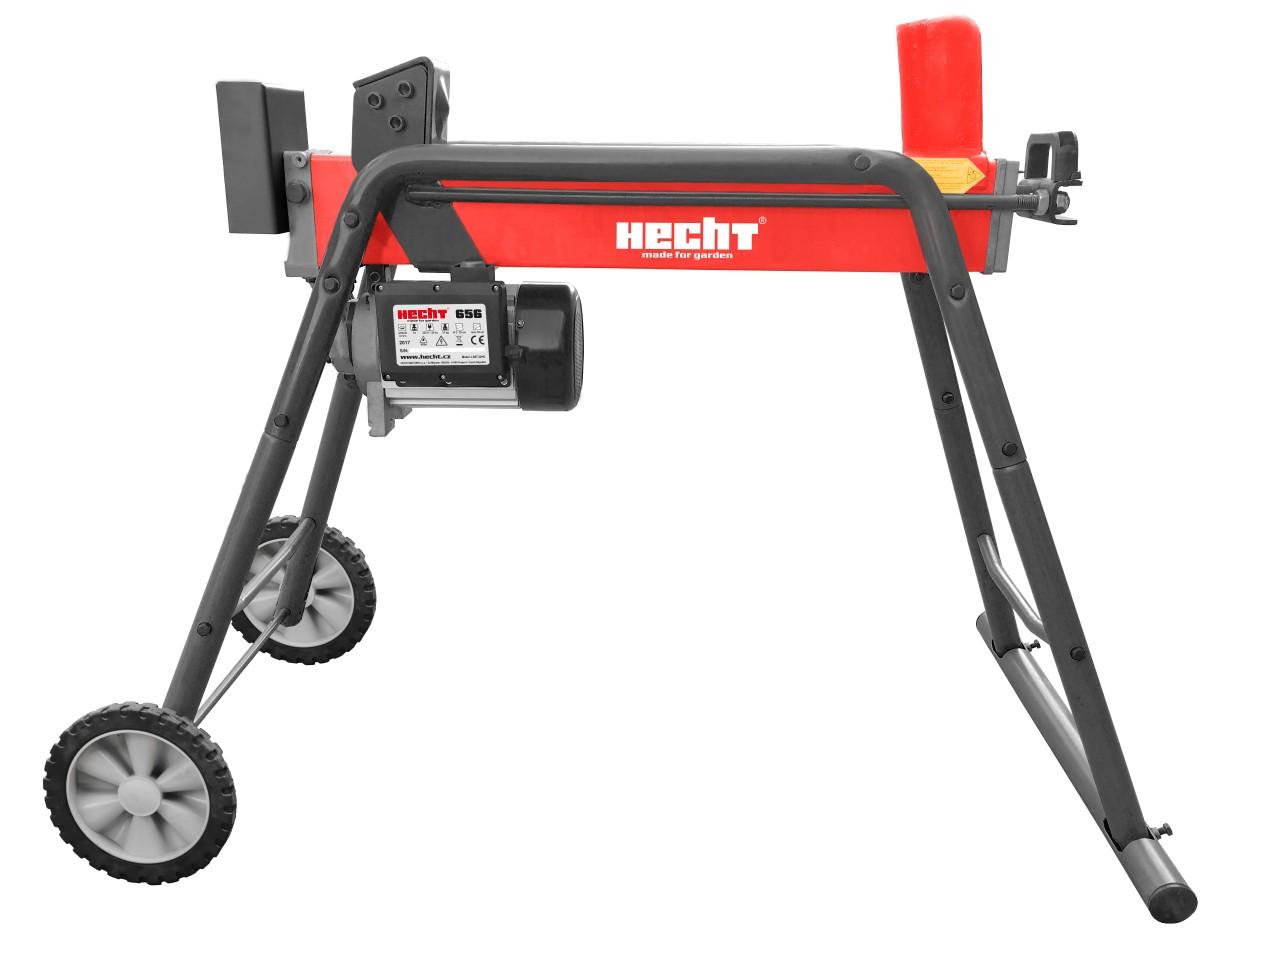 HECHT 656 - elektrický štípač dřeva